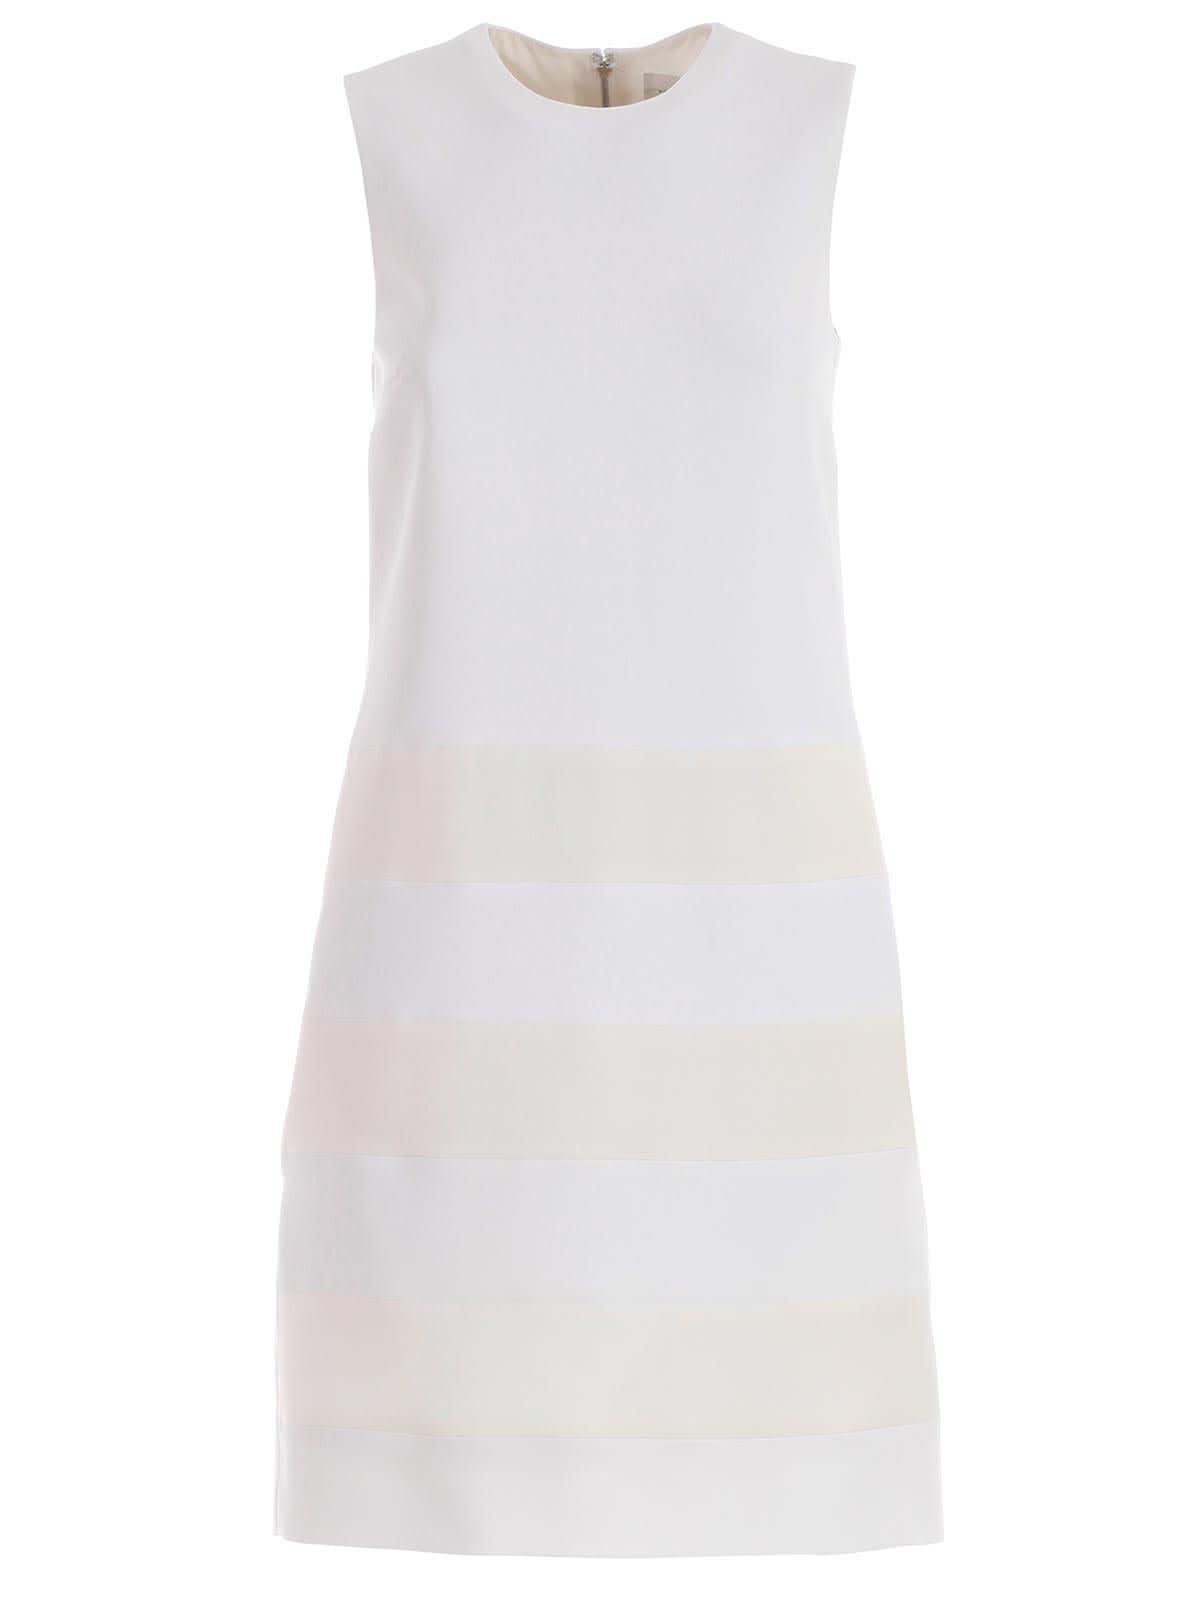 Victoria Victoria Beckham Straight Fit Dress